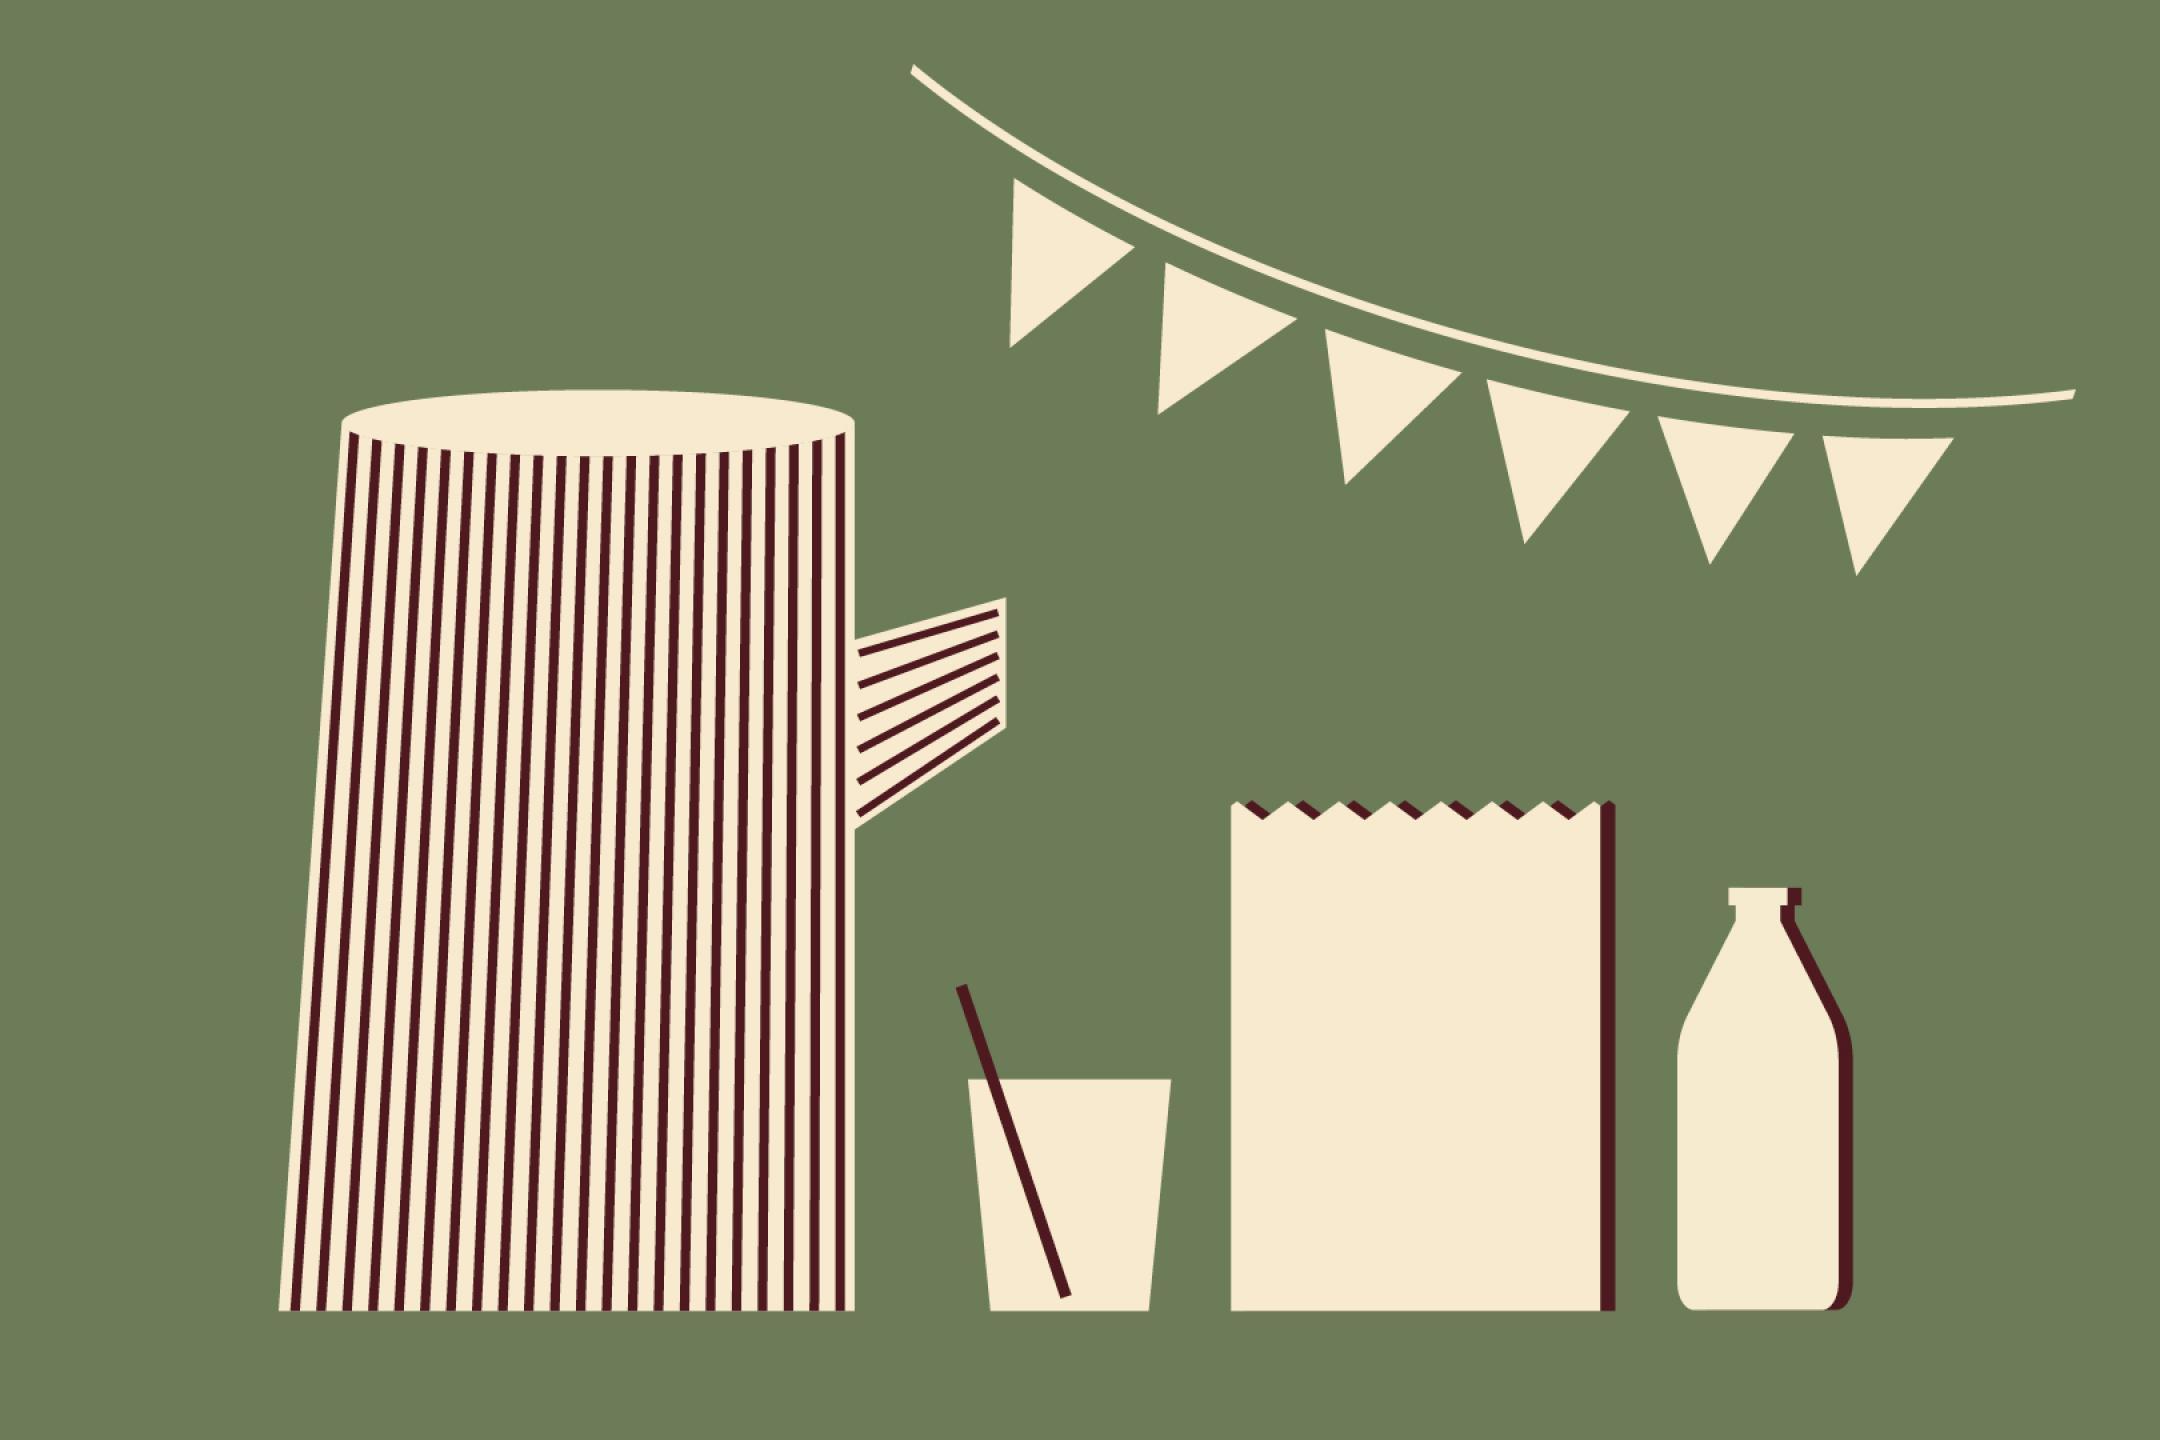 Eine grafische Illustration: Auf grünem Hintergrund sind eine Wimpelkette, eine Karaffe mit einem Glas, ein Popcorn-Becher und eine Flasche zu sehen.